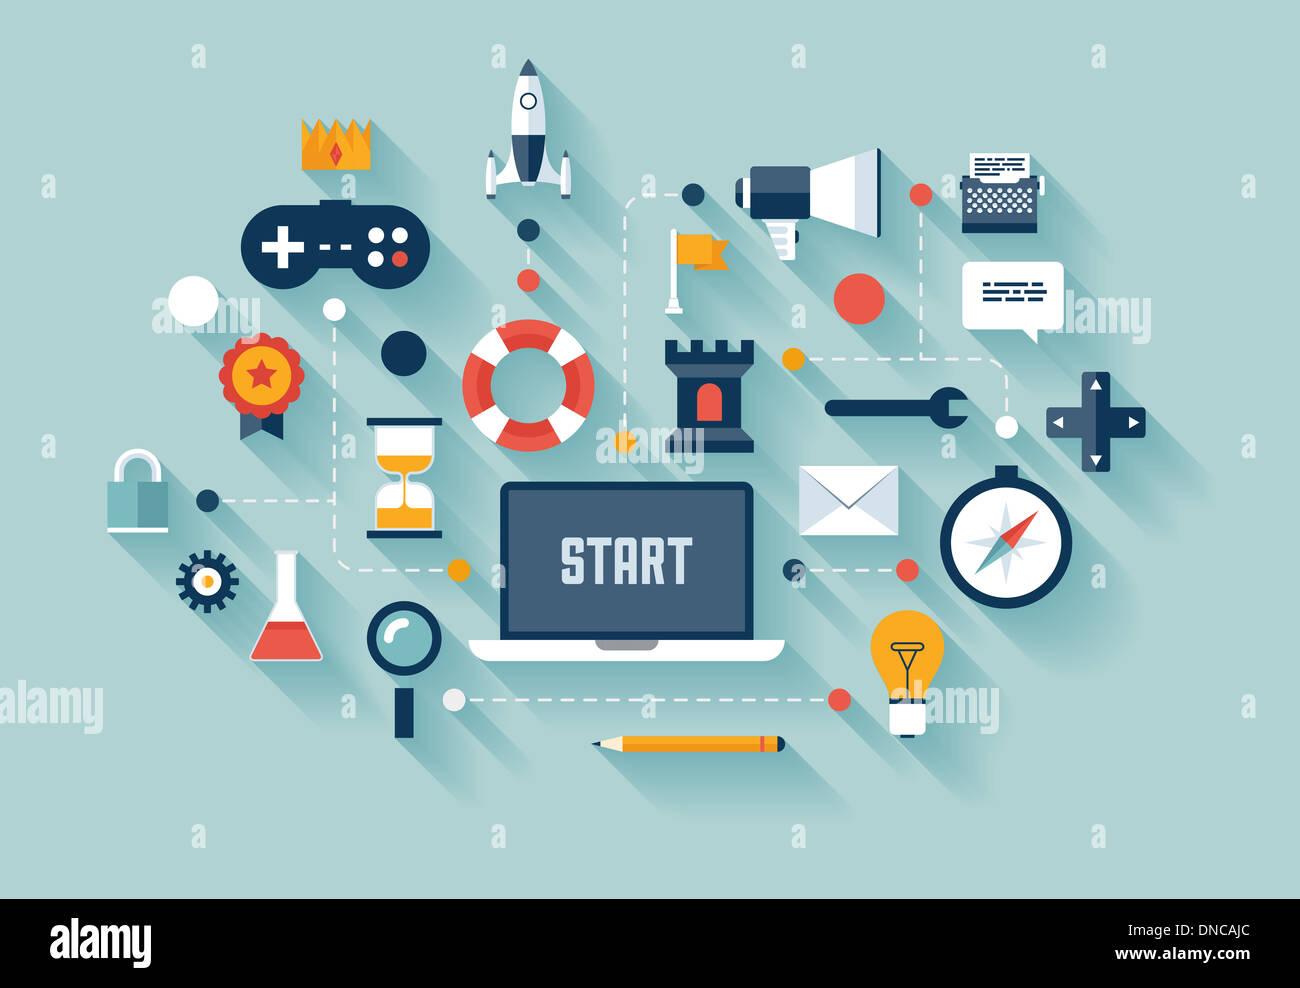 Concepto de diseño ilustración plana gamification la estrategia en los negocios, la nueva tendencia en social media marketing y vida innovación Imagen De Stock